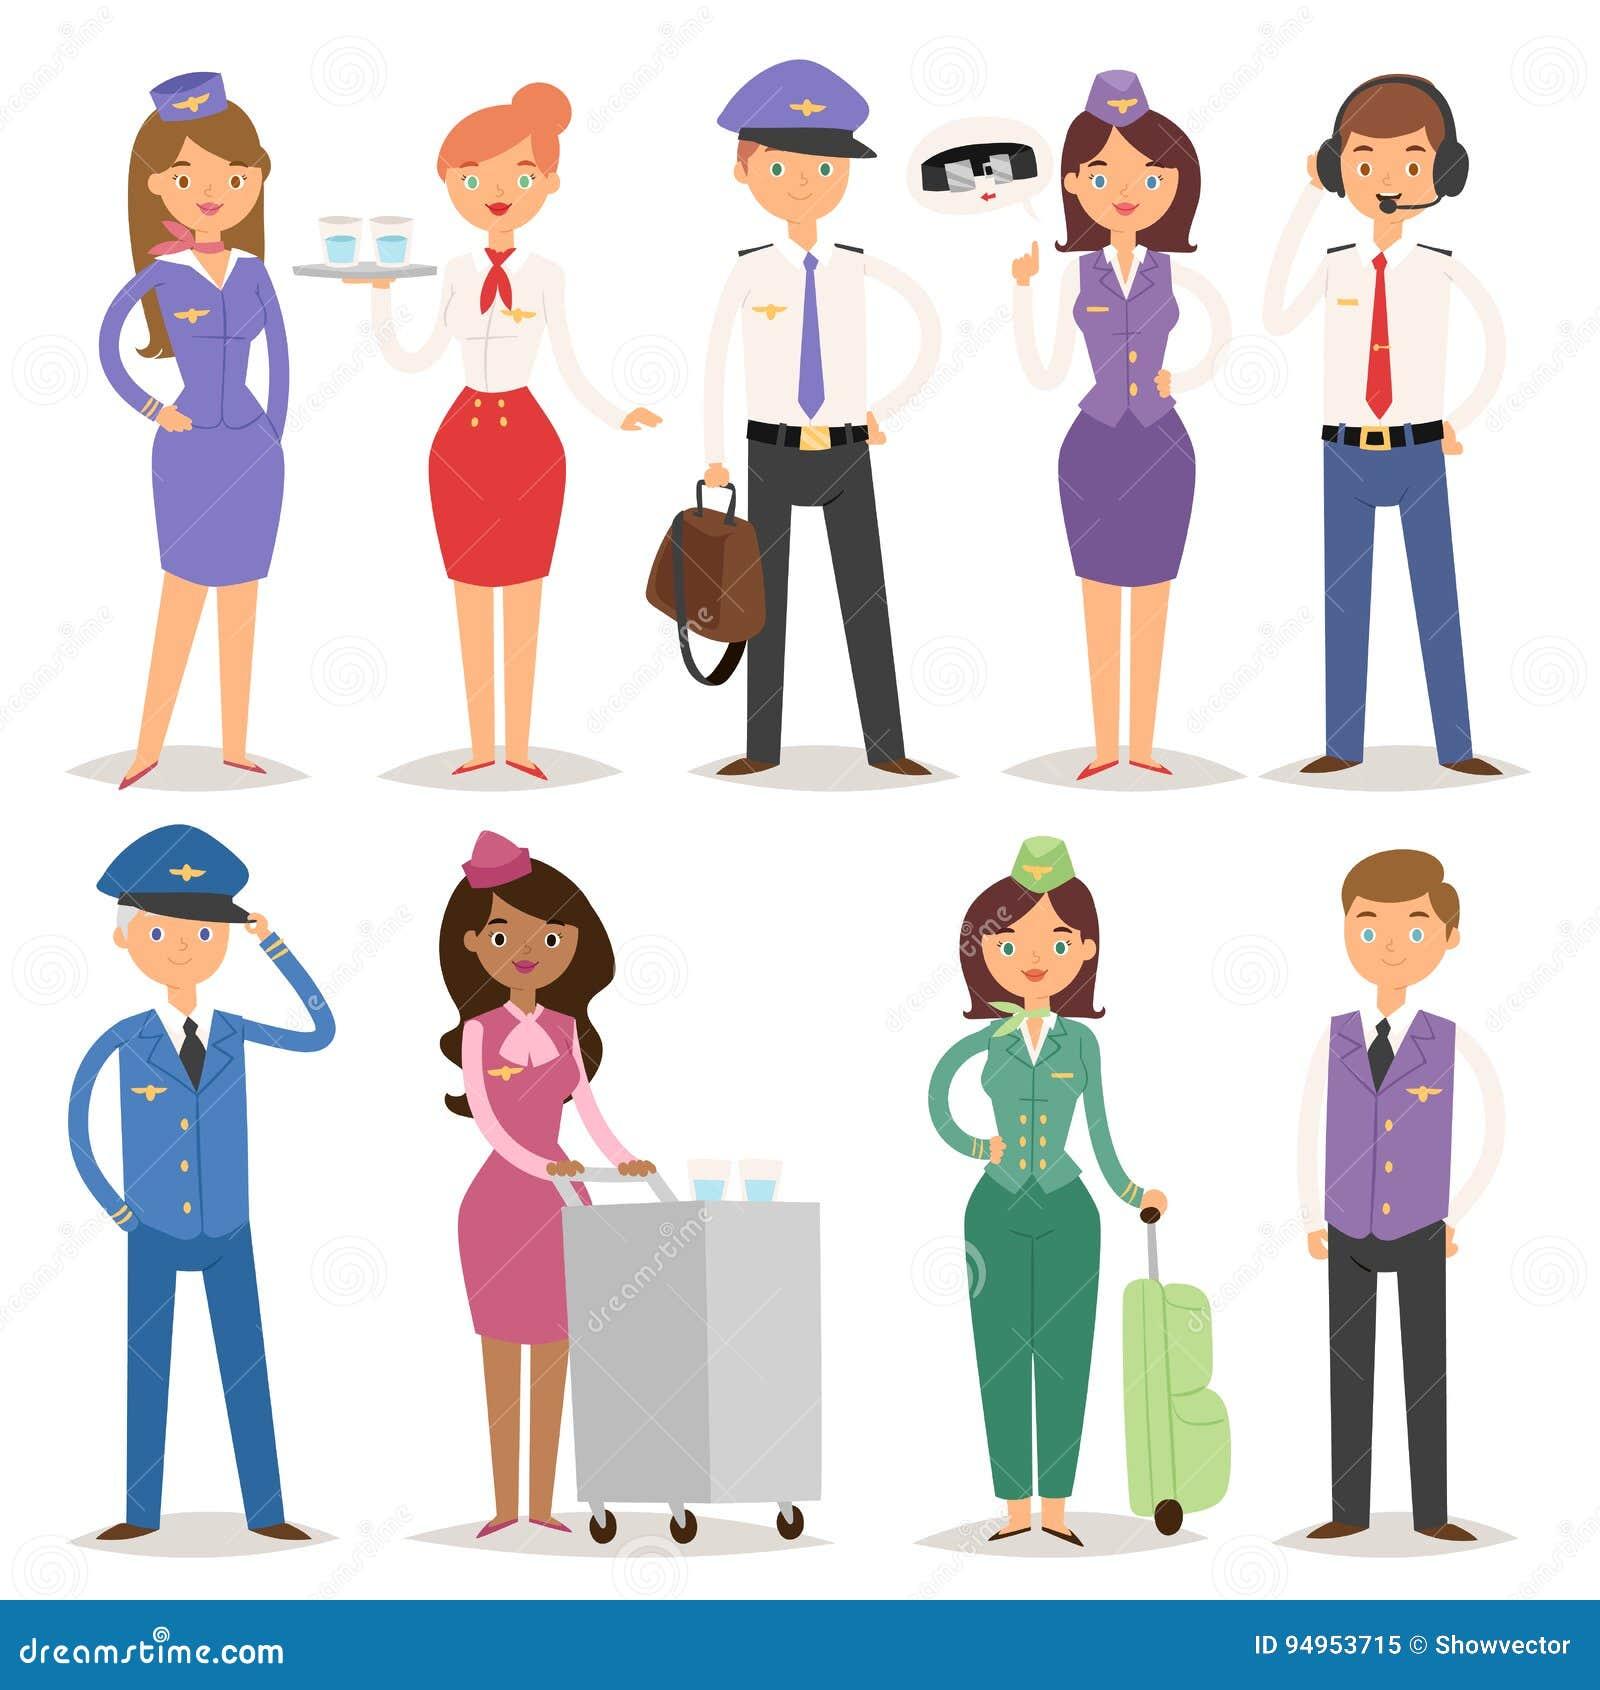 Vector pilotos do pessoal de pessoais do plano da linha aérea da ilustração e os povos dos aeromoços da aeromoça de ar da comissá